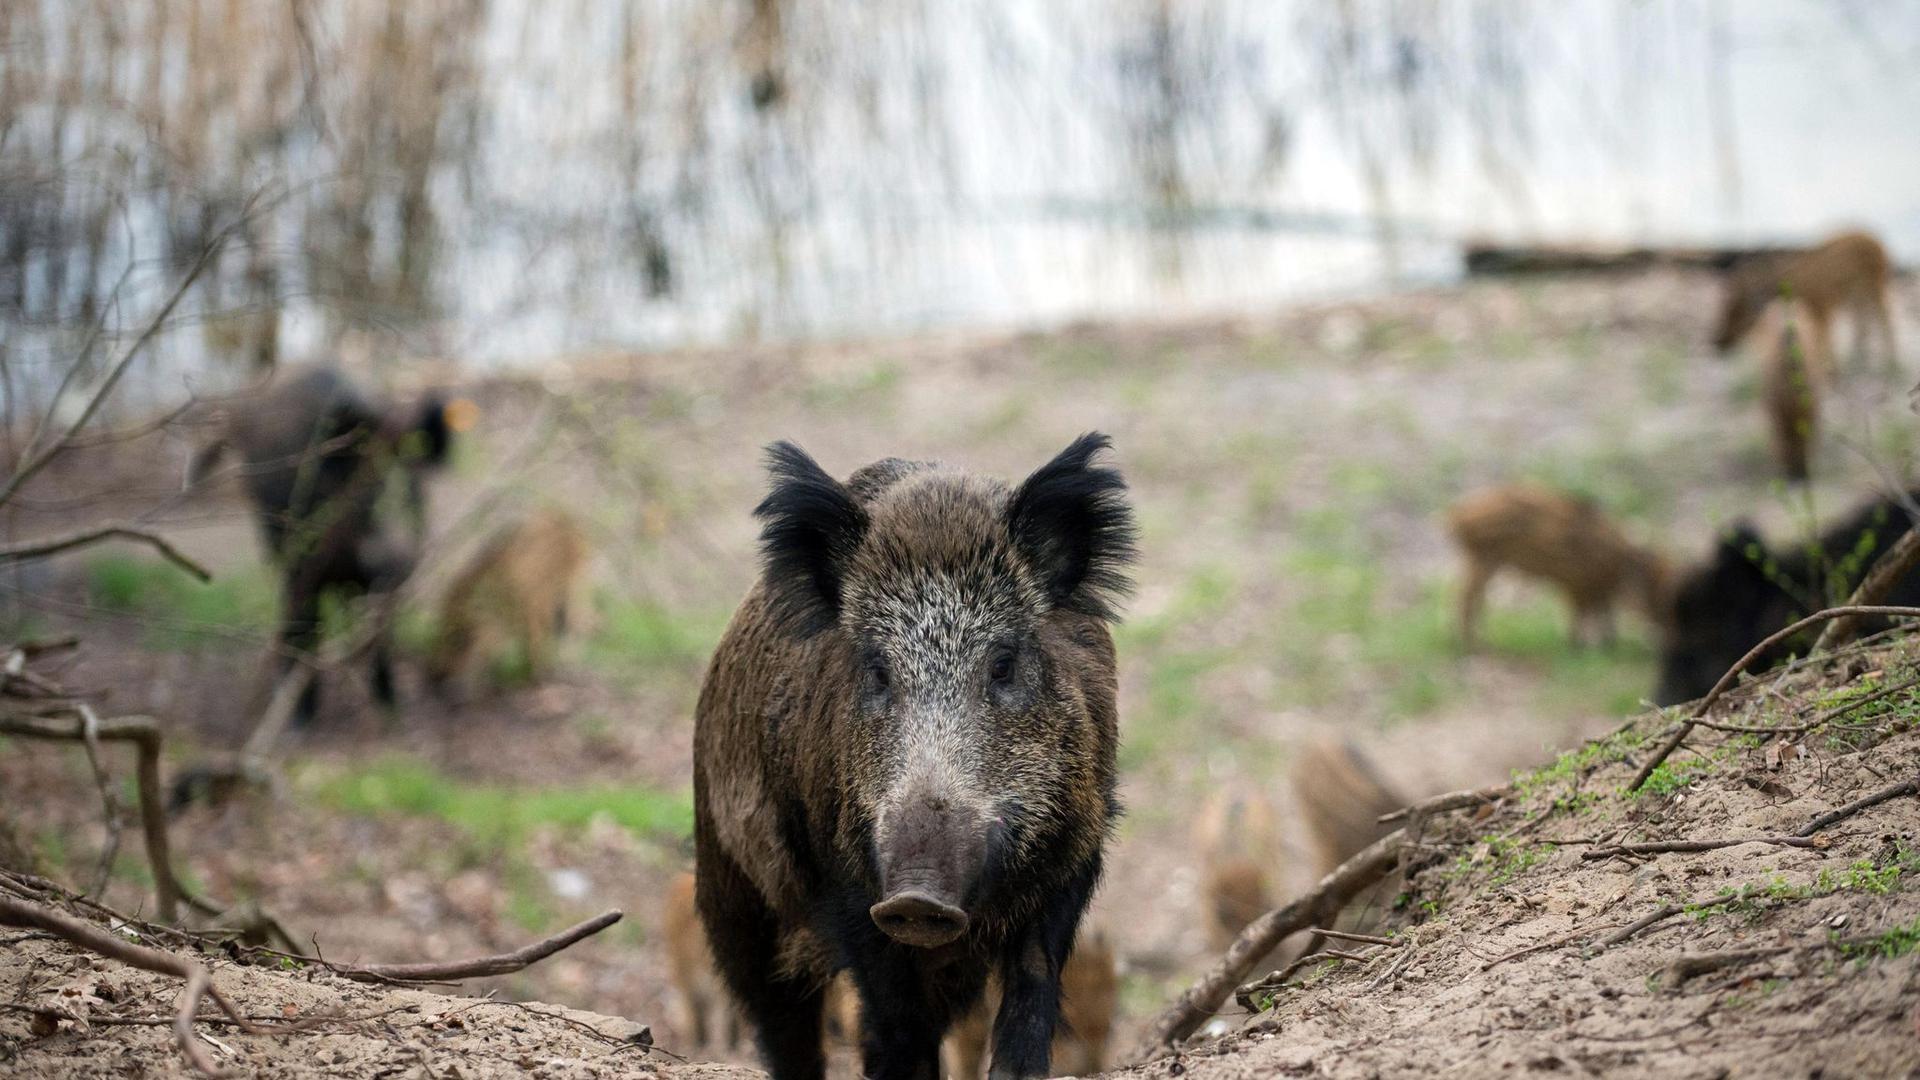 Wildschweine laufen durch ein Waldgebiet.